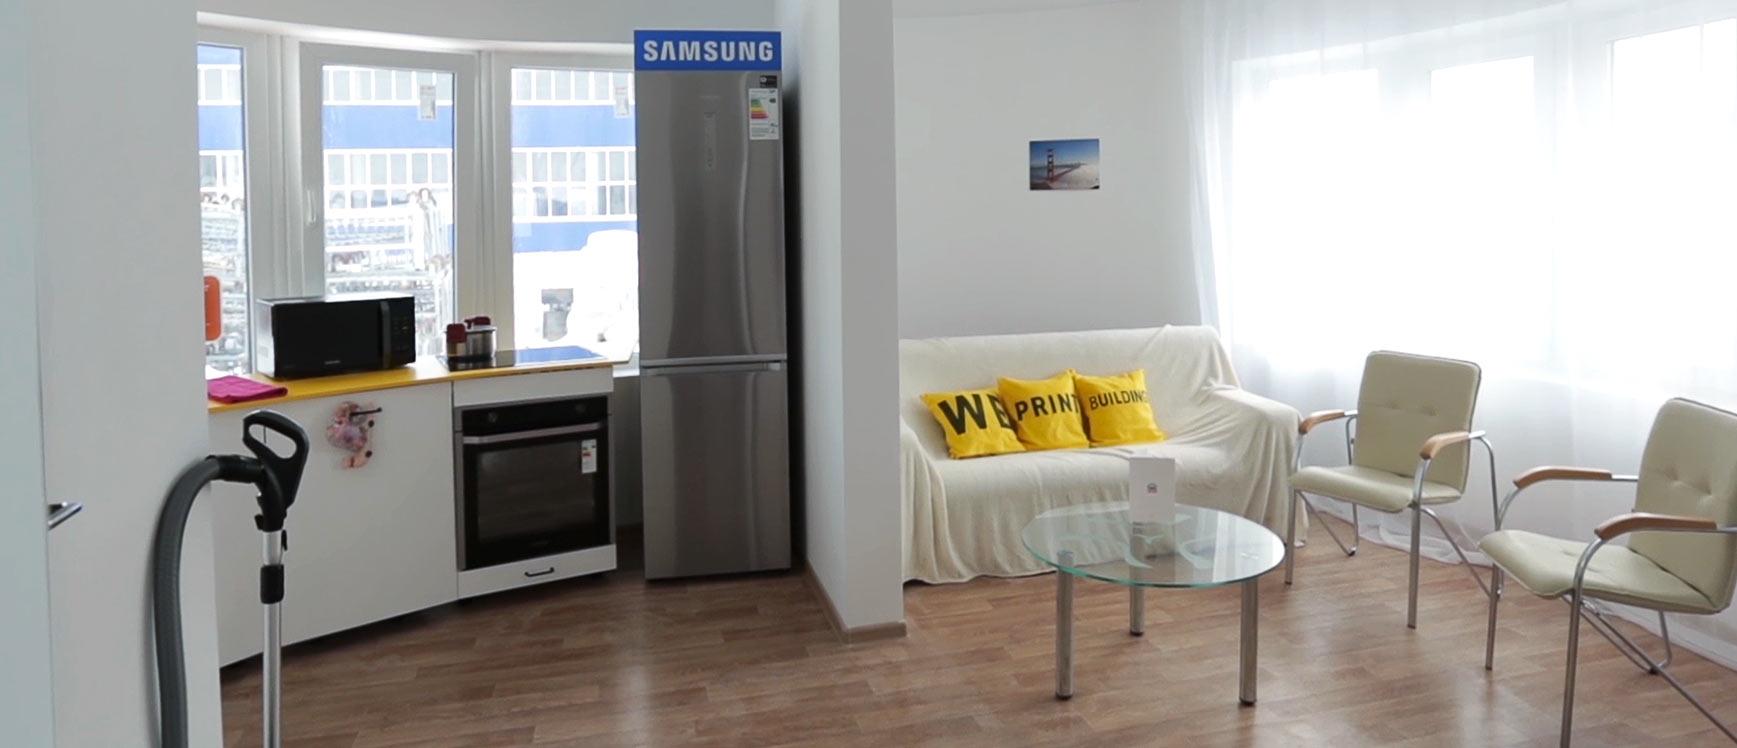 На дом не влияют погодные условия за счет специальных добавок в бетонную смесь.